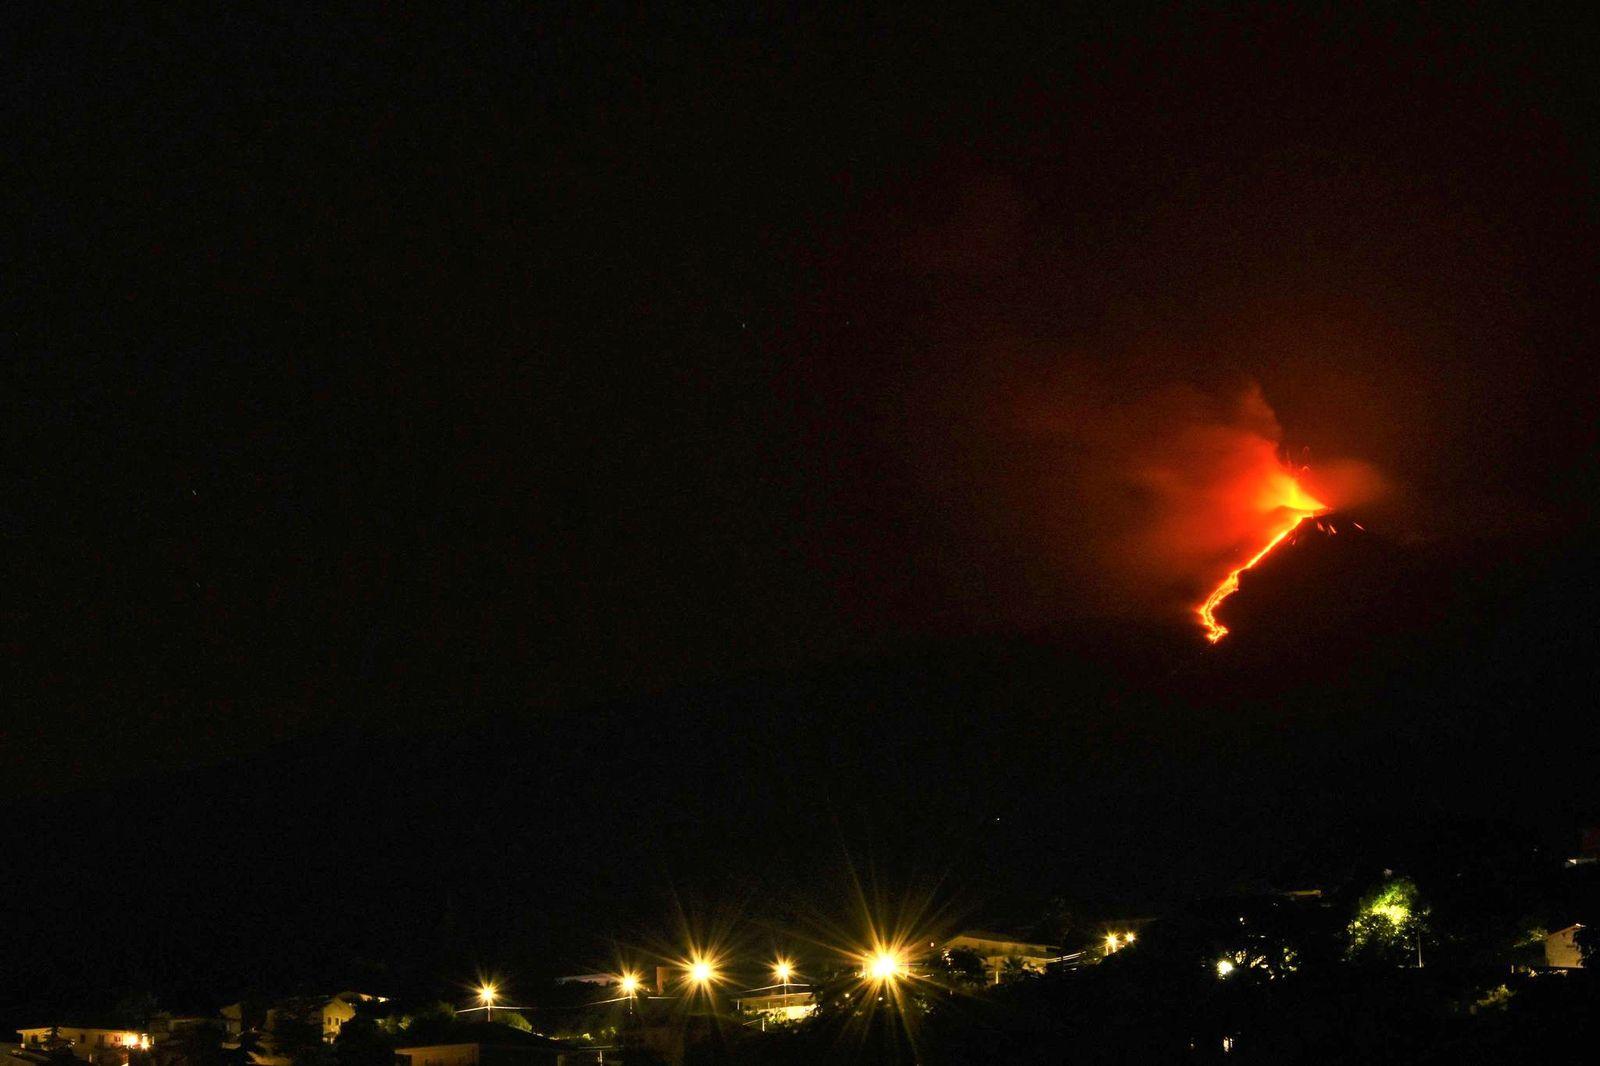 Etna SEC - 08/09/2021 - 03:32 local - photo courtesy of © Pippo Scarpinati